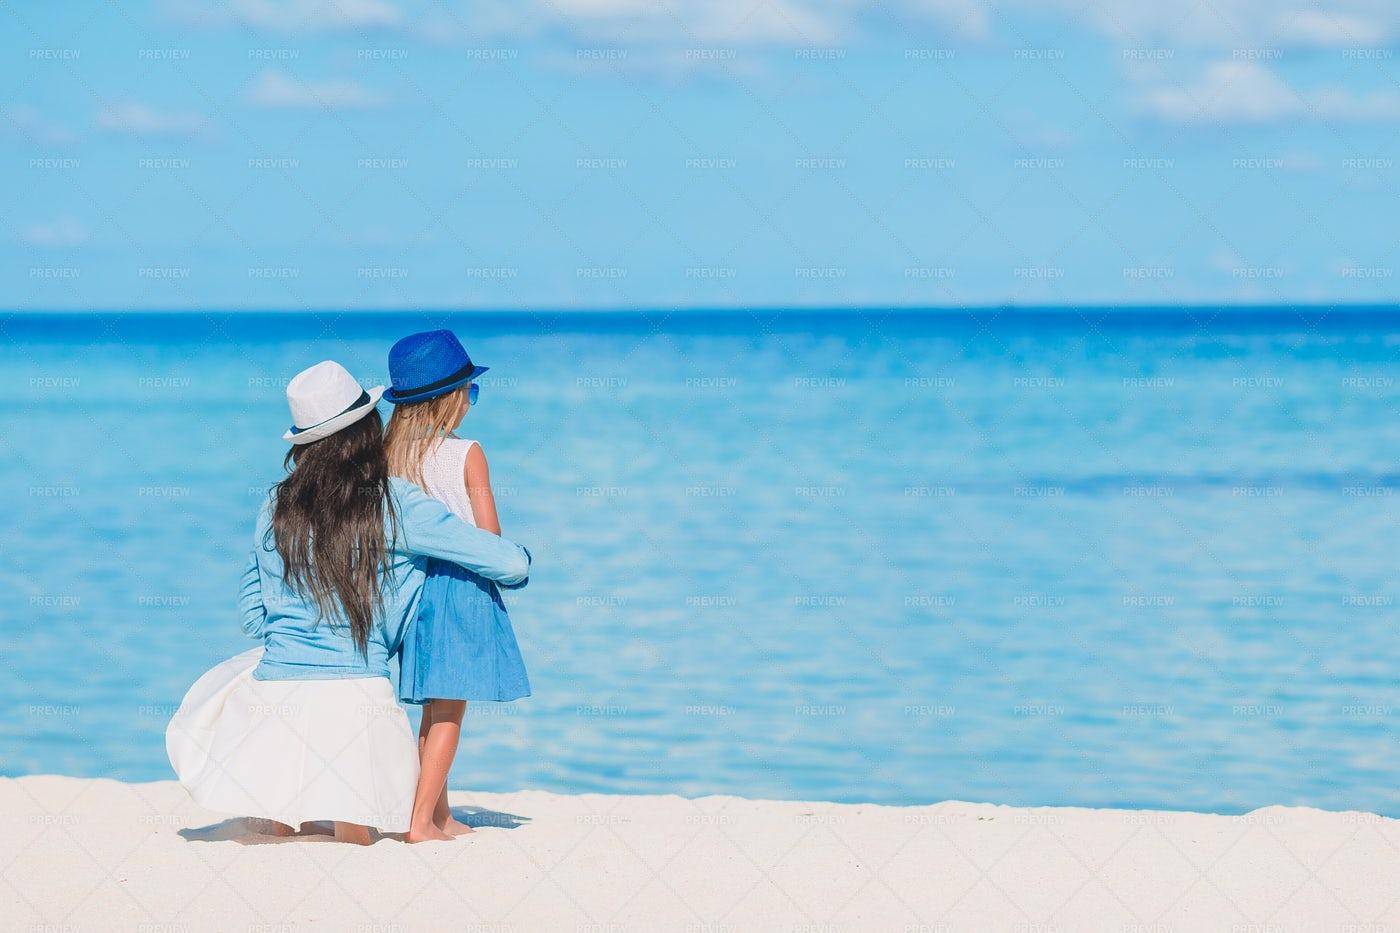 Enjoying Caribbean Views: Stock Photos